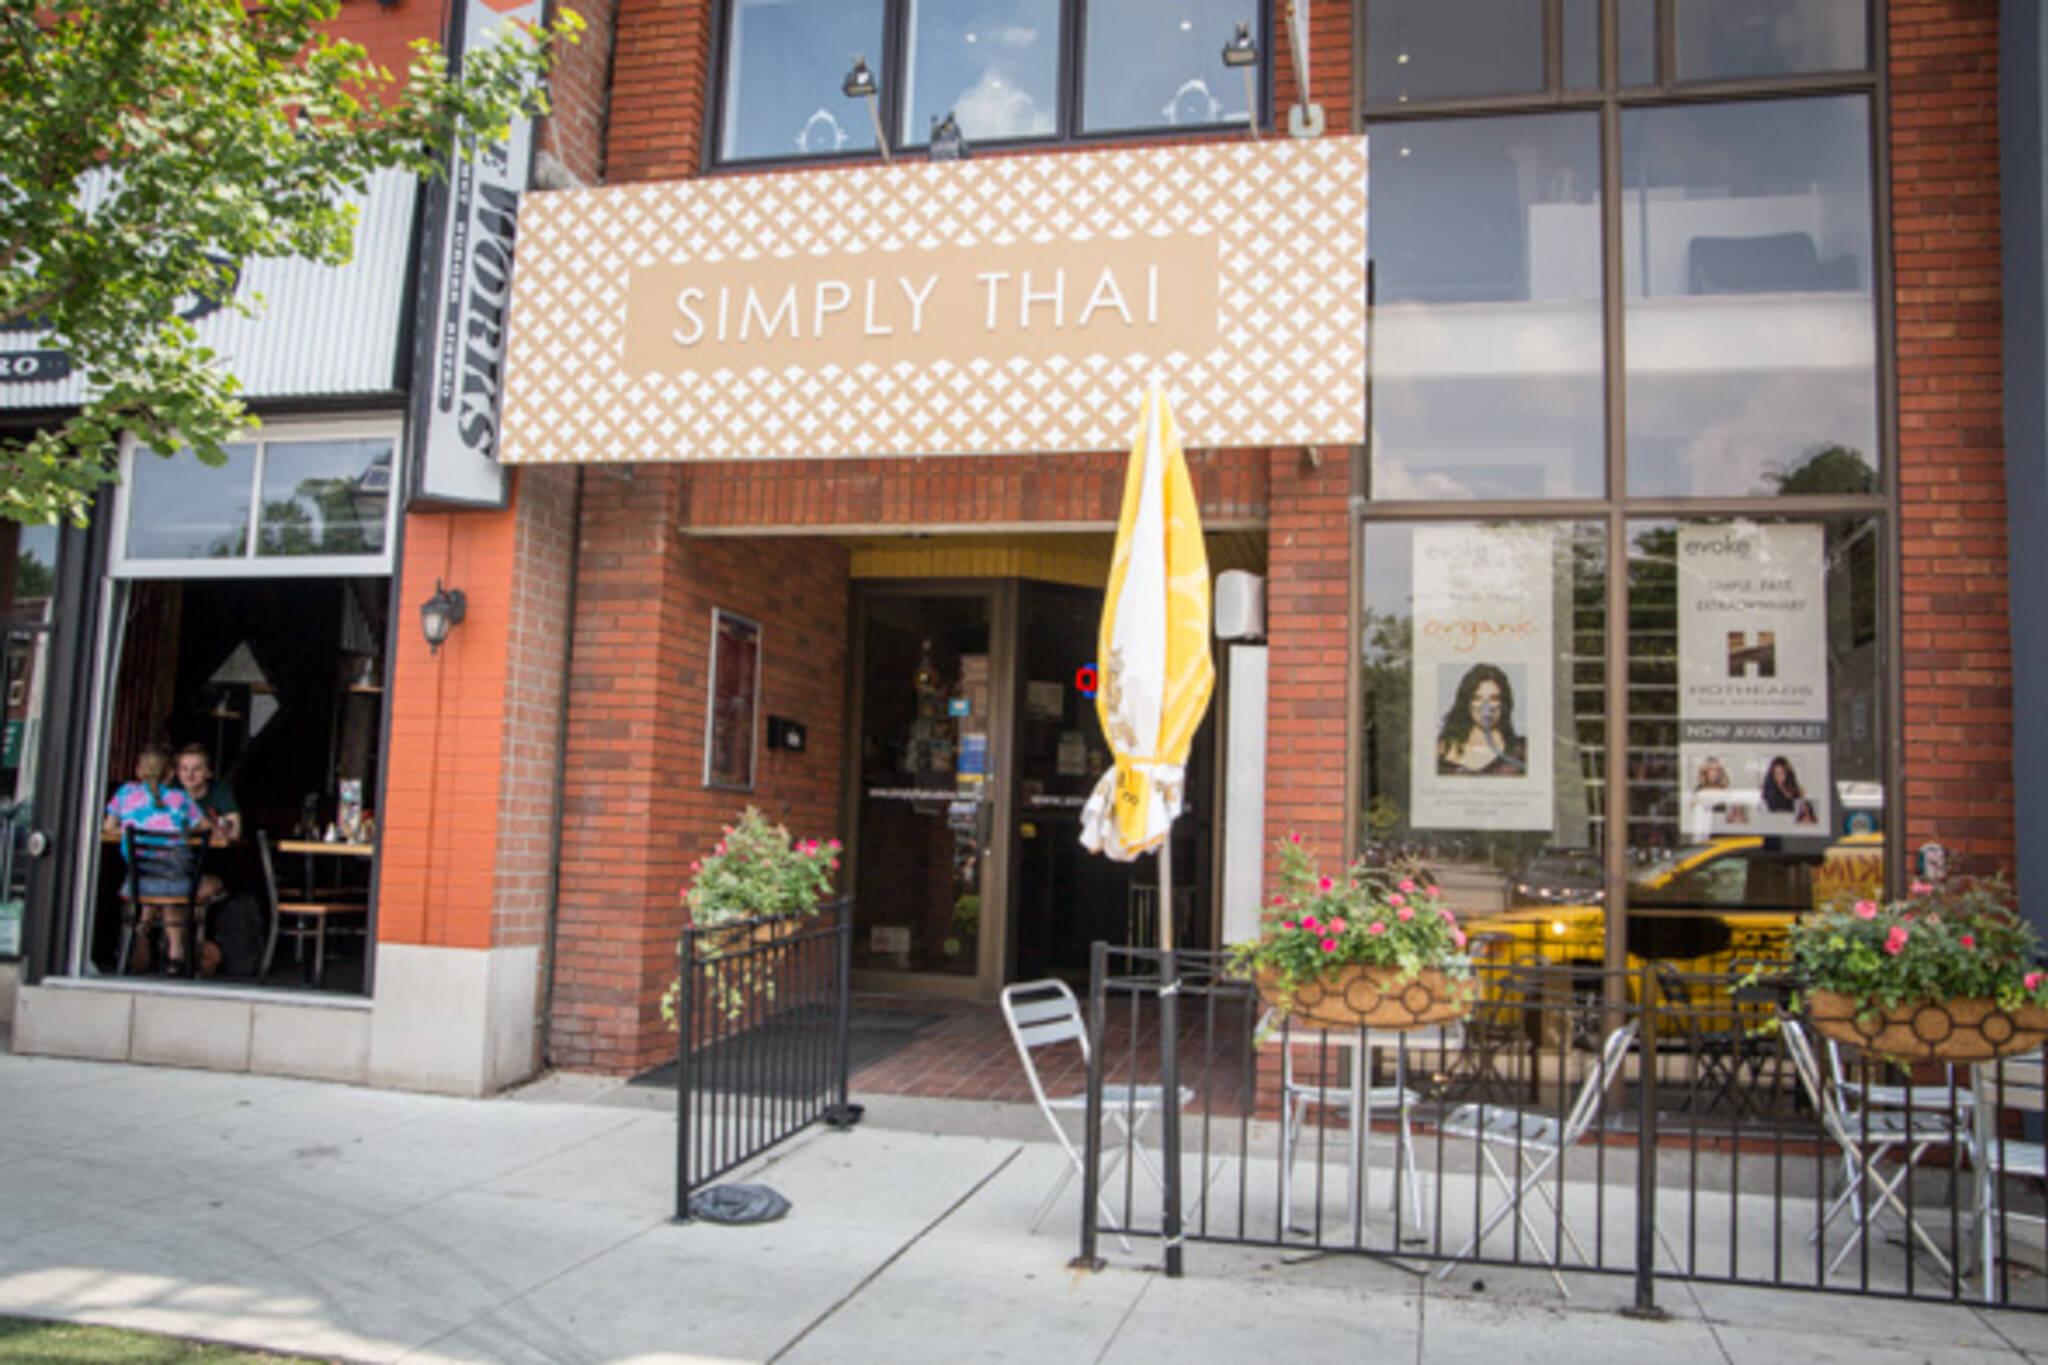 Simply Thai Toronto